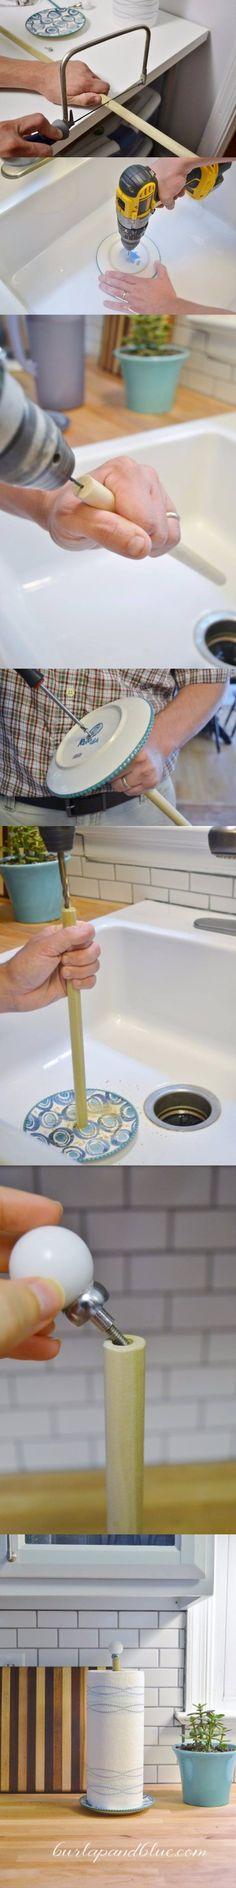 burlapandblue.com - DIY Paper Towel Holder